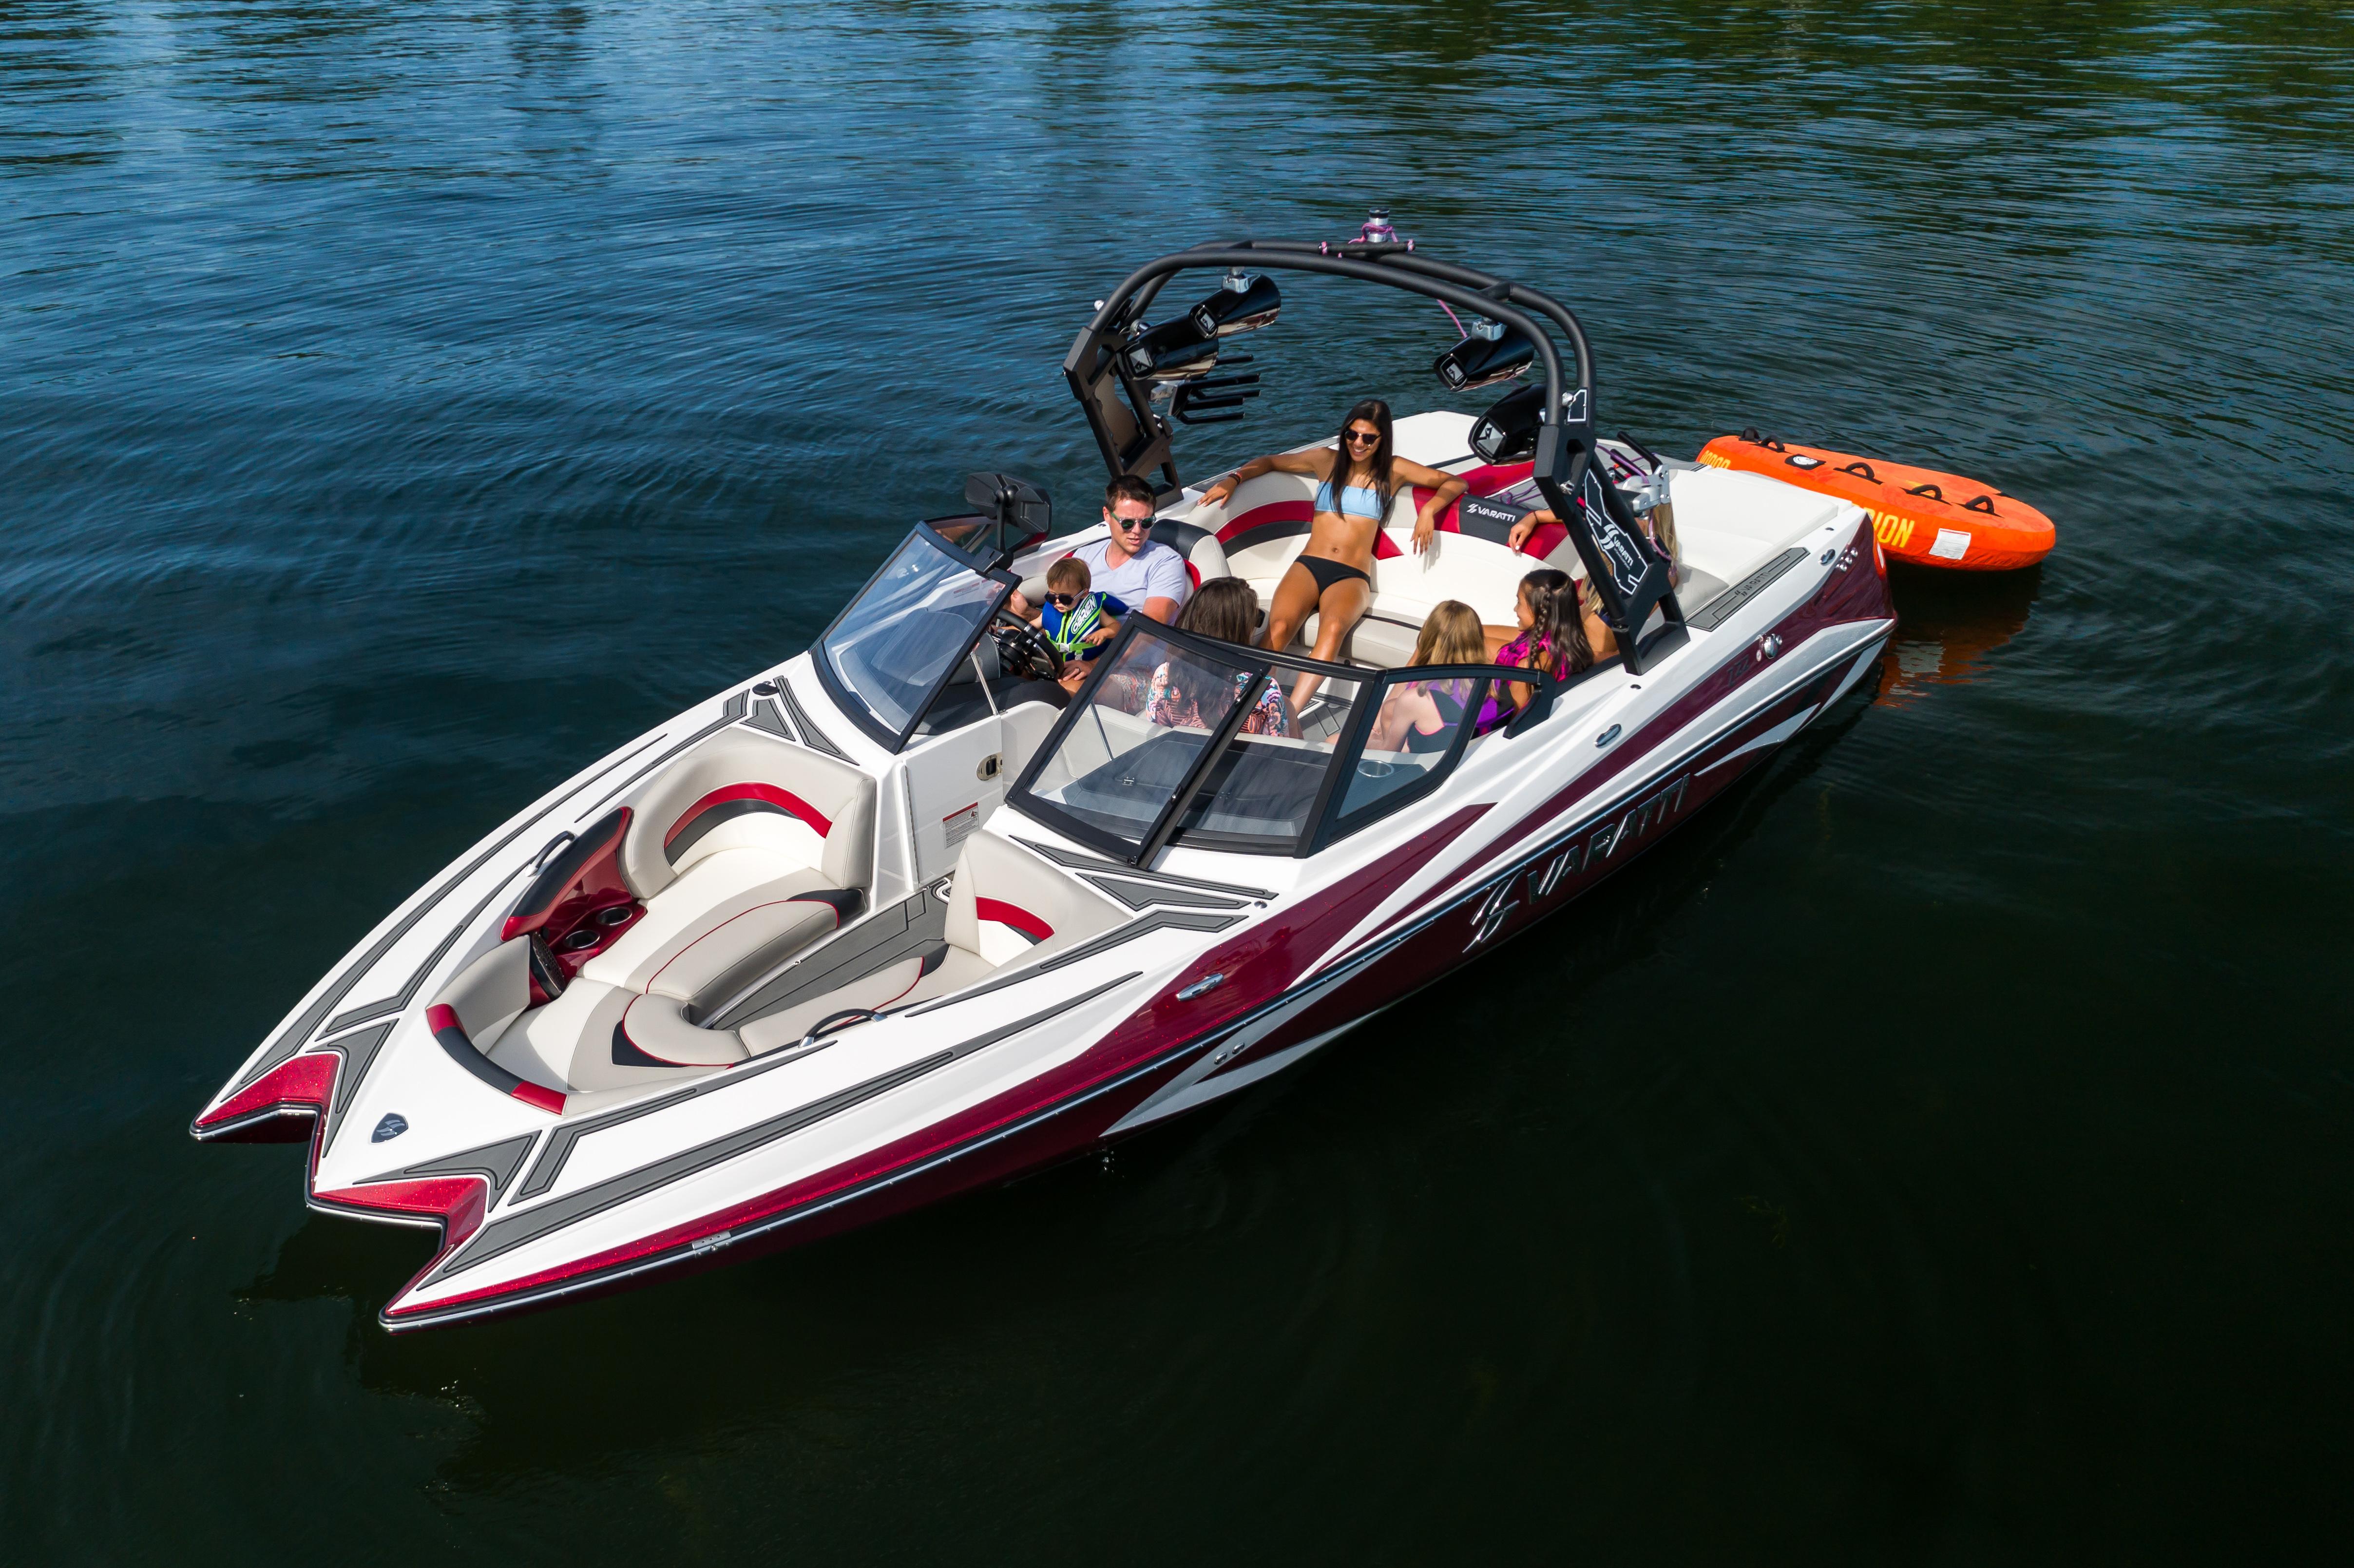 Varatti Z22 Tow Boat 2019 Stock 000902 Lepier